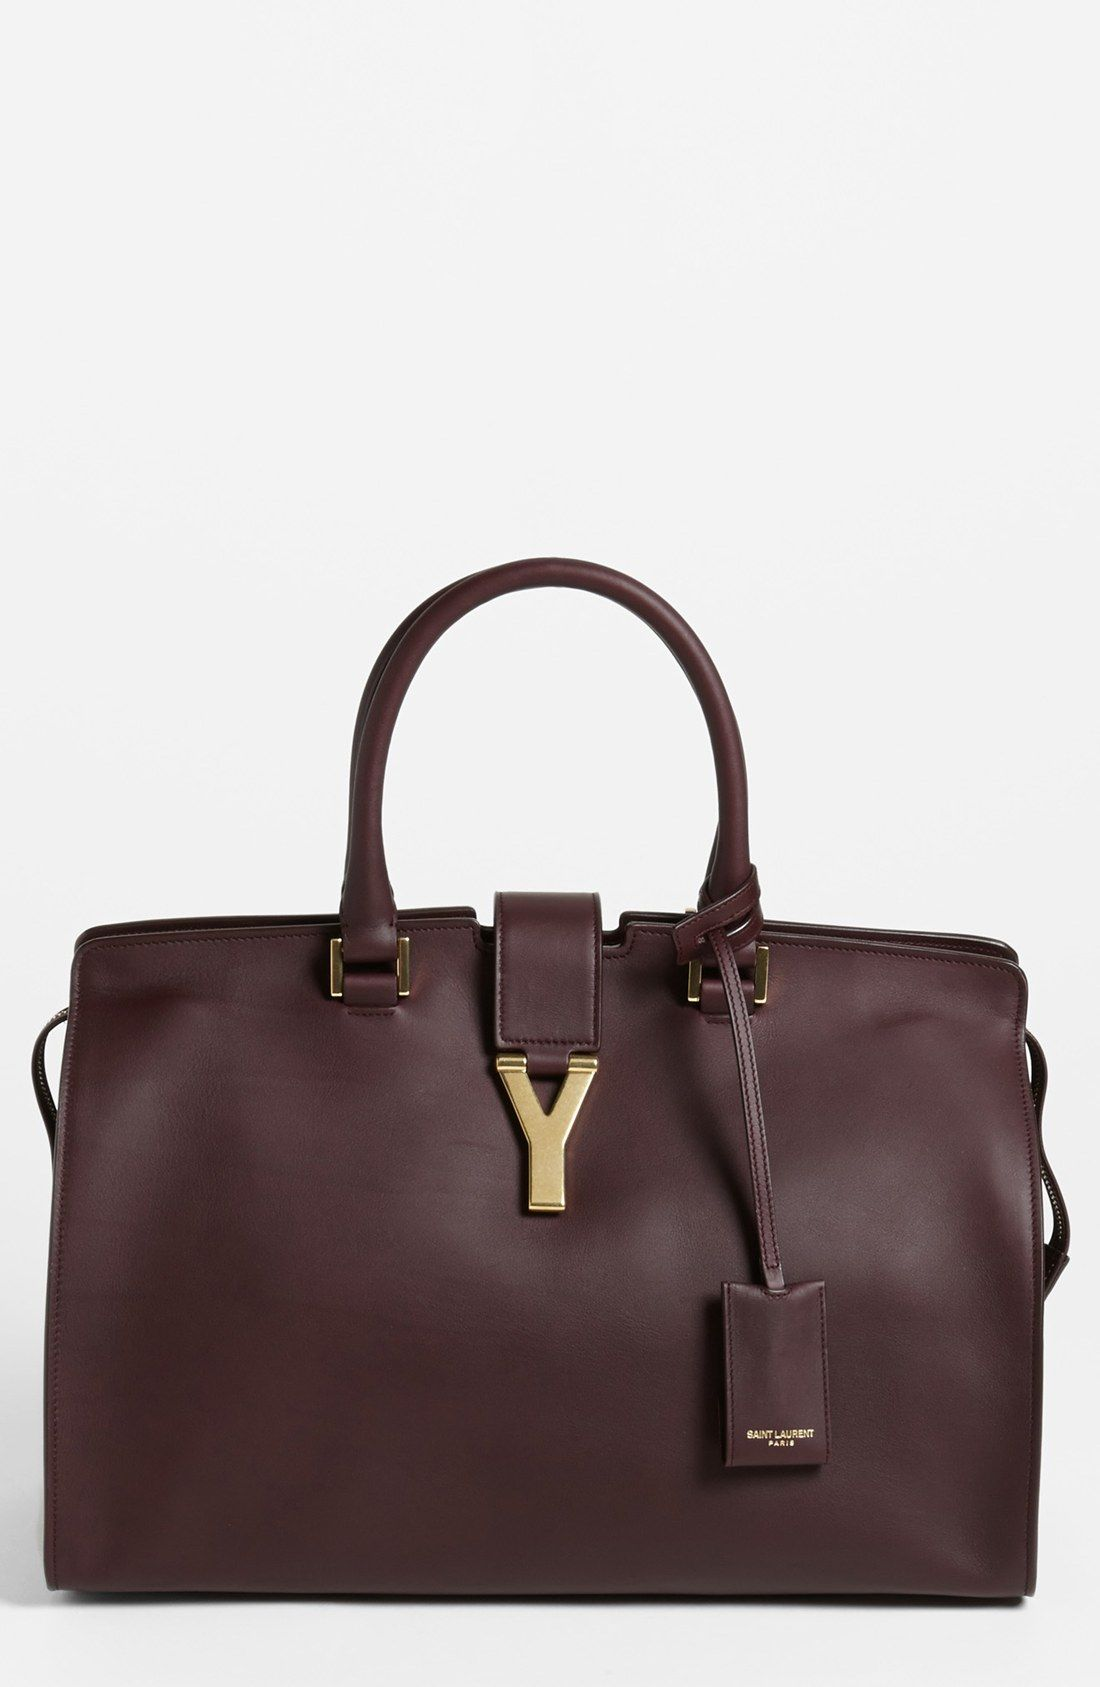 59f052c16c98e Plum Eggplant Bordeaux YSL Saint Laurent Ligne Y Leather Satchel - gorgeous  designer handbag